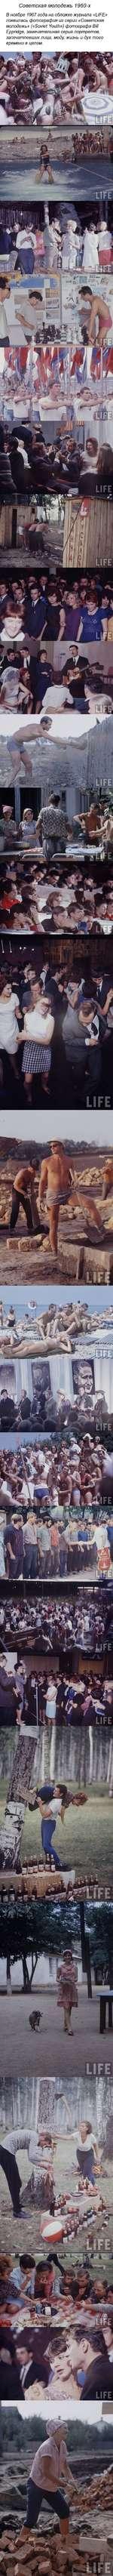 В ноябре 1967 года на обложке журнала «LIFE» появилась фотография из серии «Советская молодежь» («Soviet Youth») фотографа Bill Eppridge, замечательная серия портретов, запечатлевших лица, моду, жизнь и дух того времени в целом. VPfbM-rtVTl К MflfV DOB(R